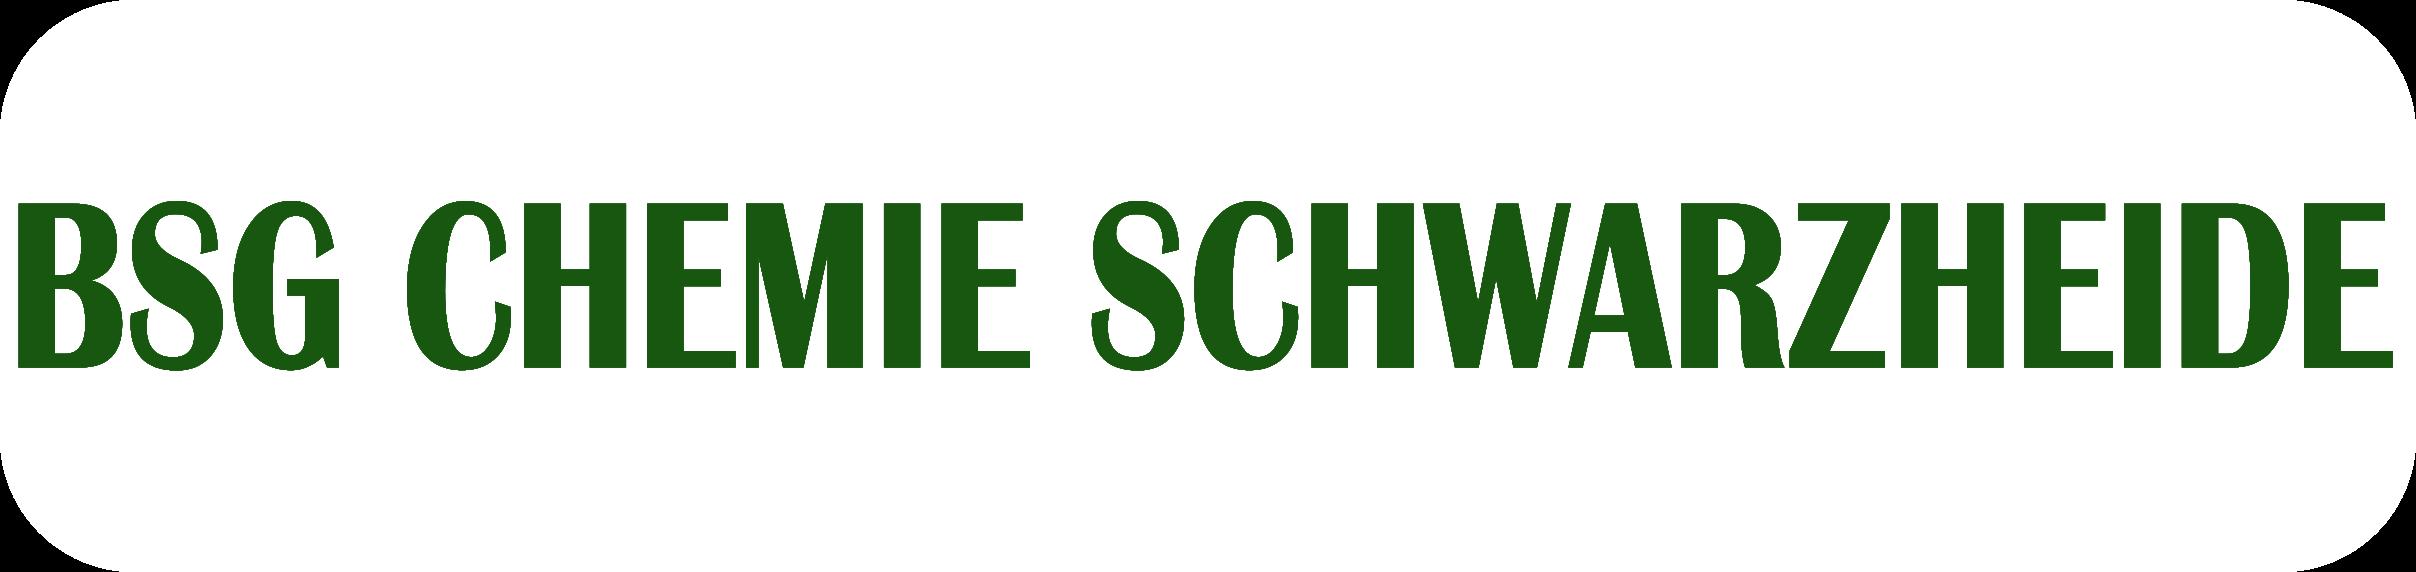 BSG Chemie Schwarzheide